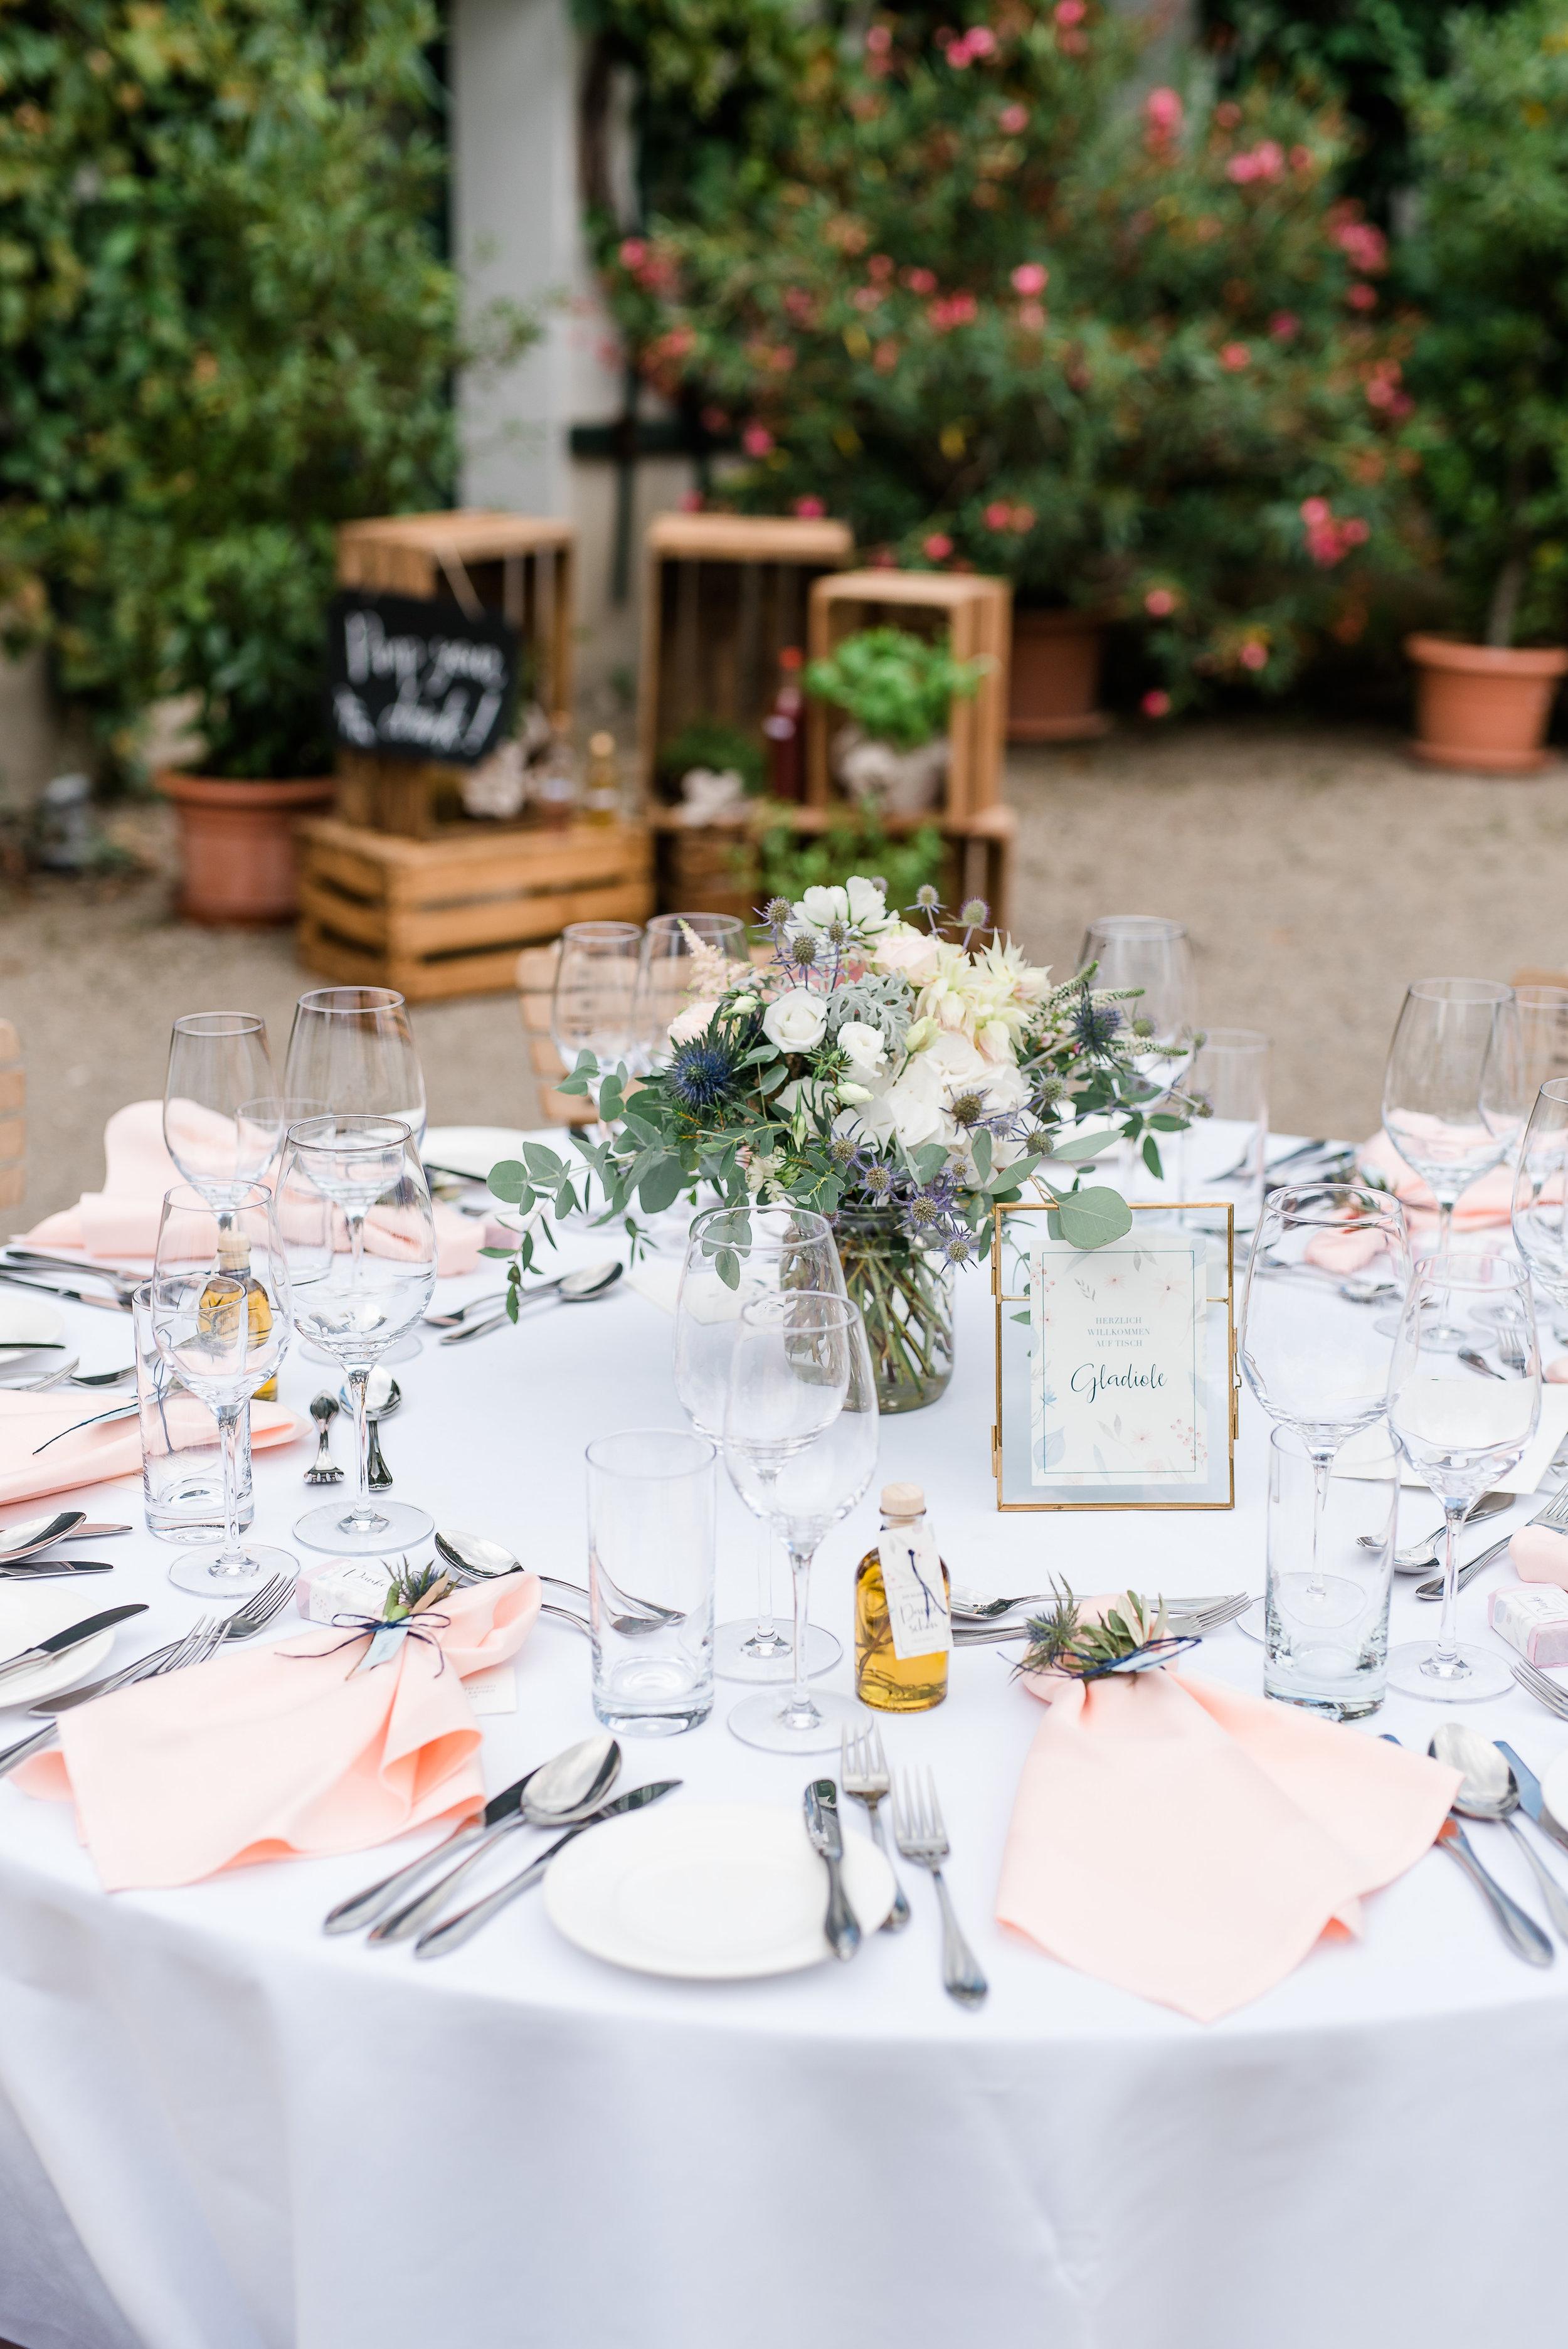 rosemarrylemon_Hochzeit_ES_Hochzeitspapeterie7.jpg